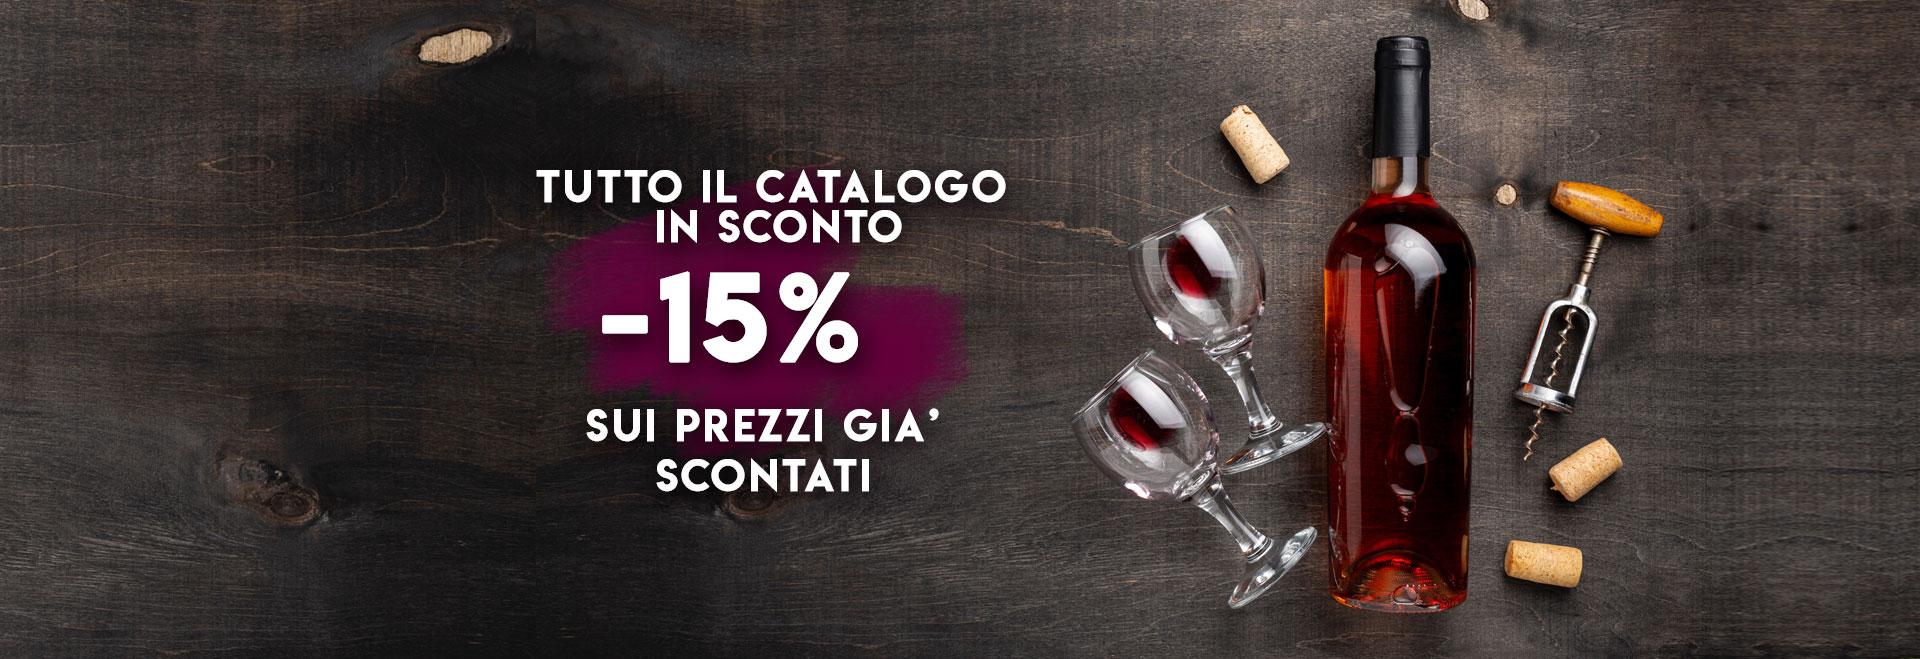 AmaWine vendita online di vini e liquori